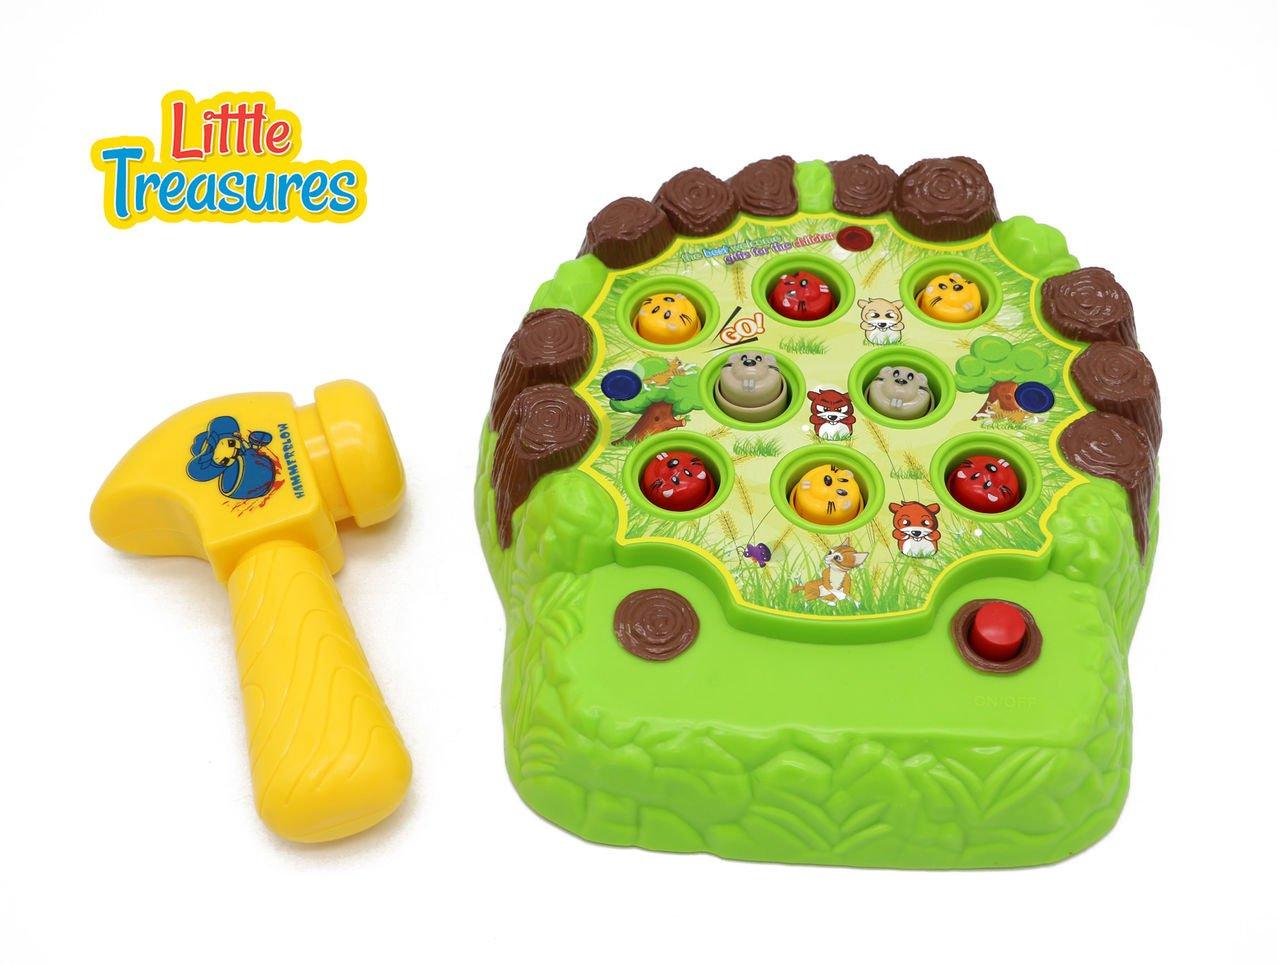 [リトルトレジャー]Little Treasures Whack the Vermin Down with This Pop up Whack A Mole Game Set With Fun Soft Tip [並行輸入品]   B01D8N9UEW